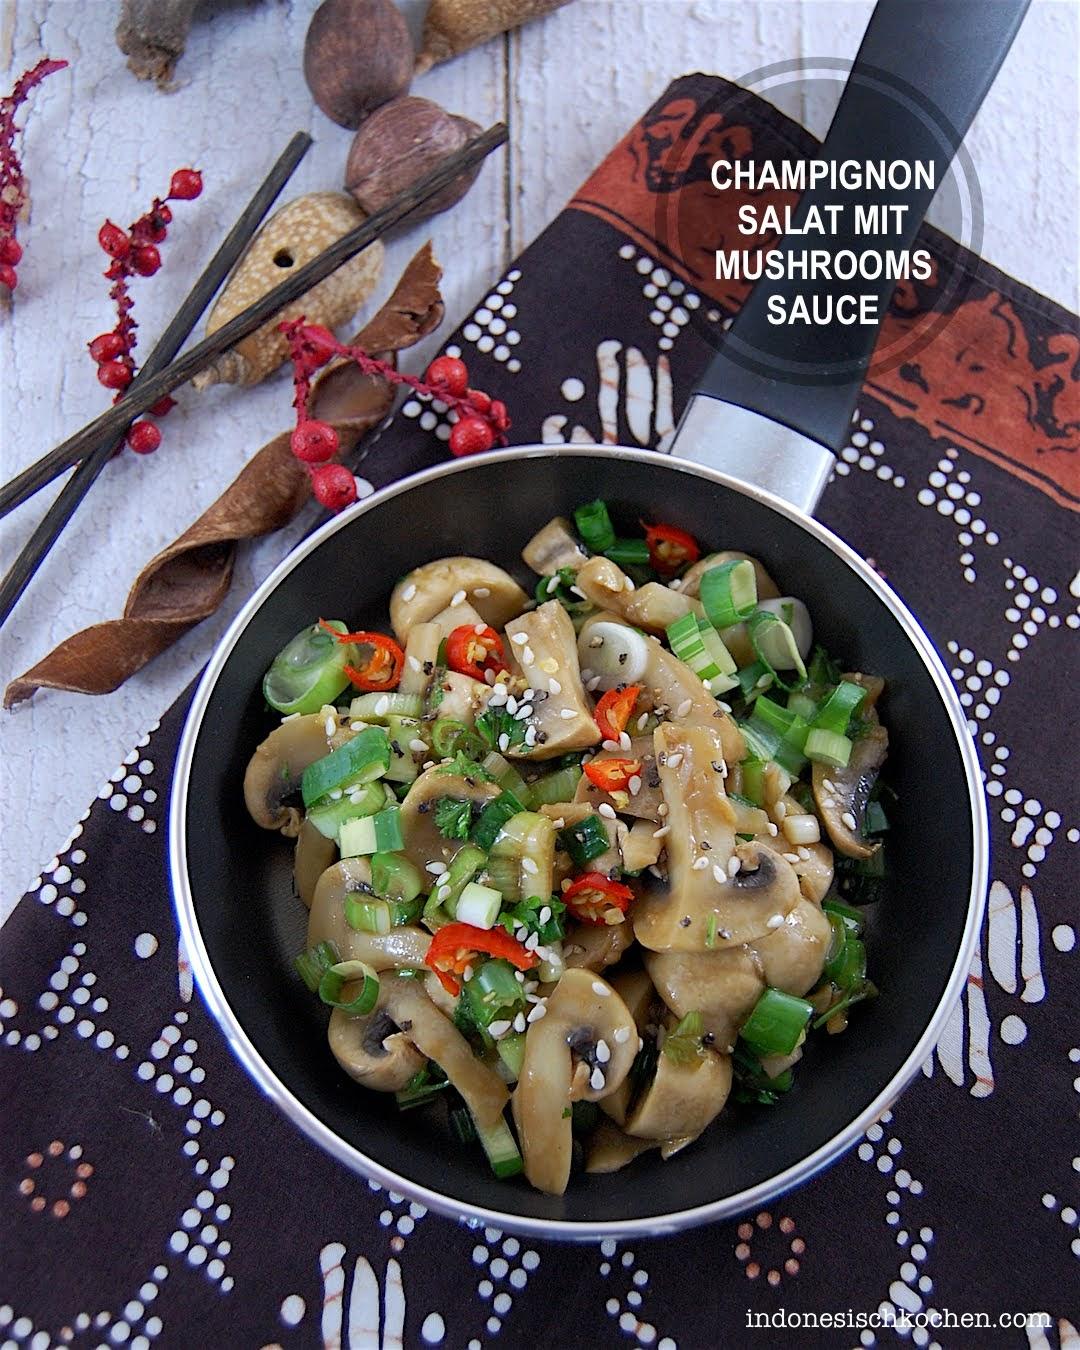 Veganer Champignonsalat mit Mushrooms Sauce nach asiatischer Art